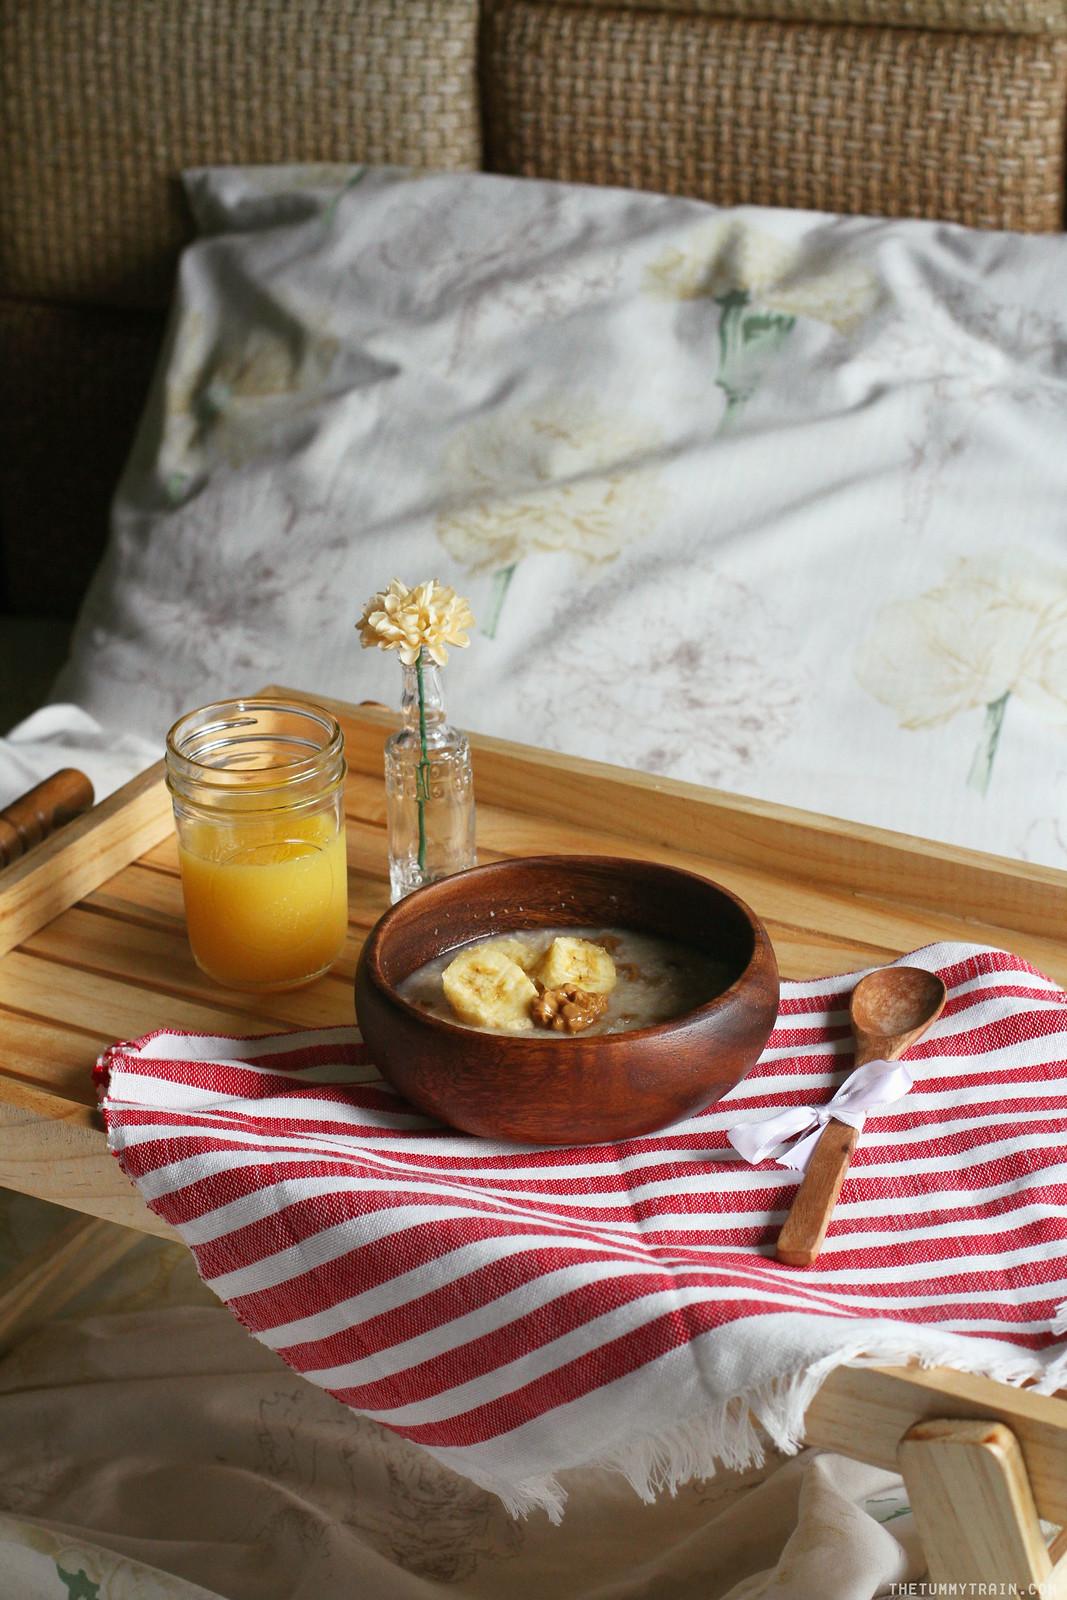 29462104194 9f6df2f600 h - Why it's a-okay to start the day with a bowl of Quaker Oats